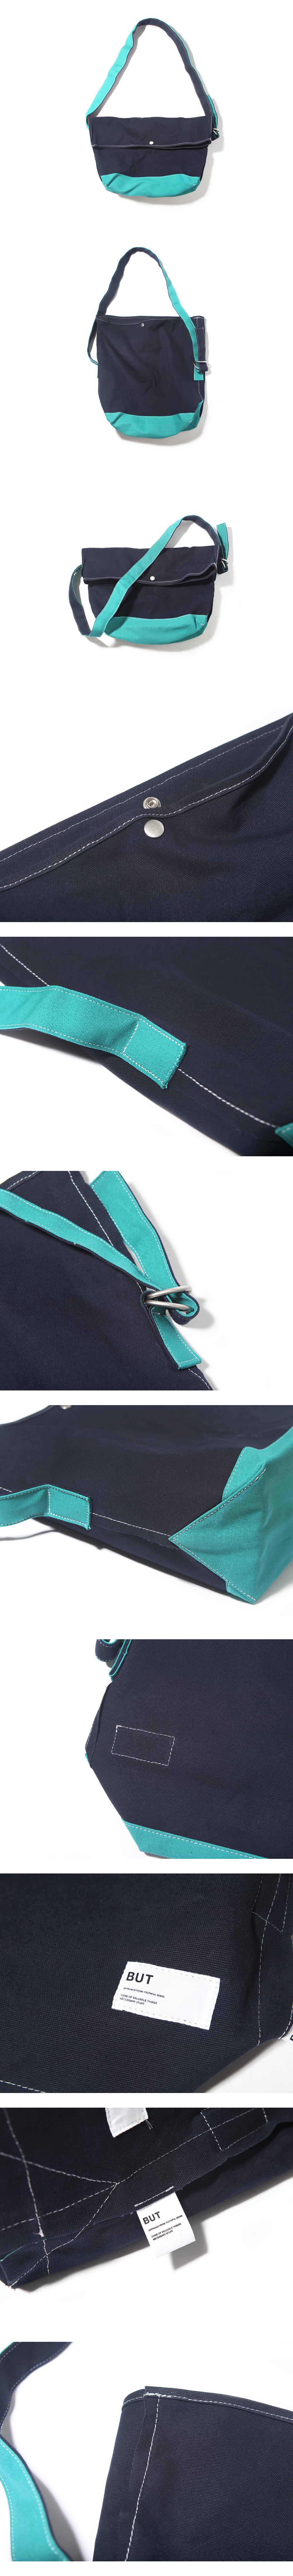 FLAP MESSENGER BAG-NAVY/MINT